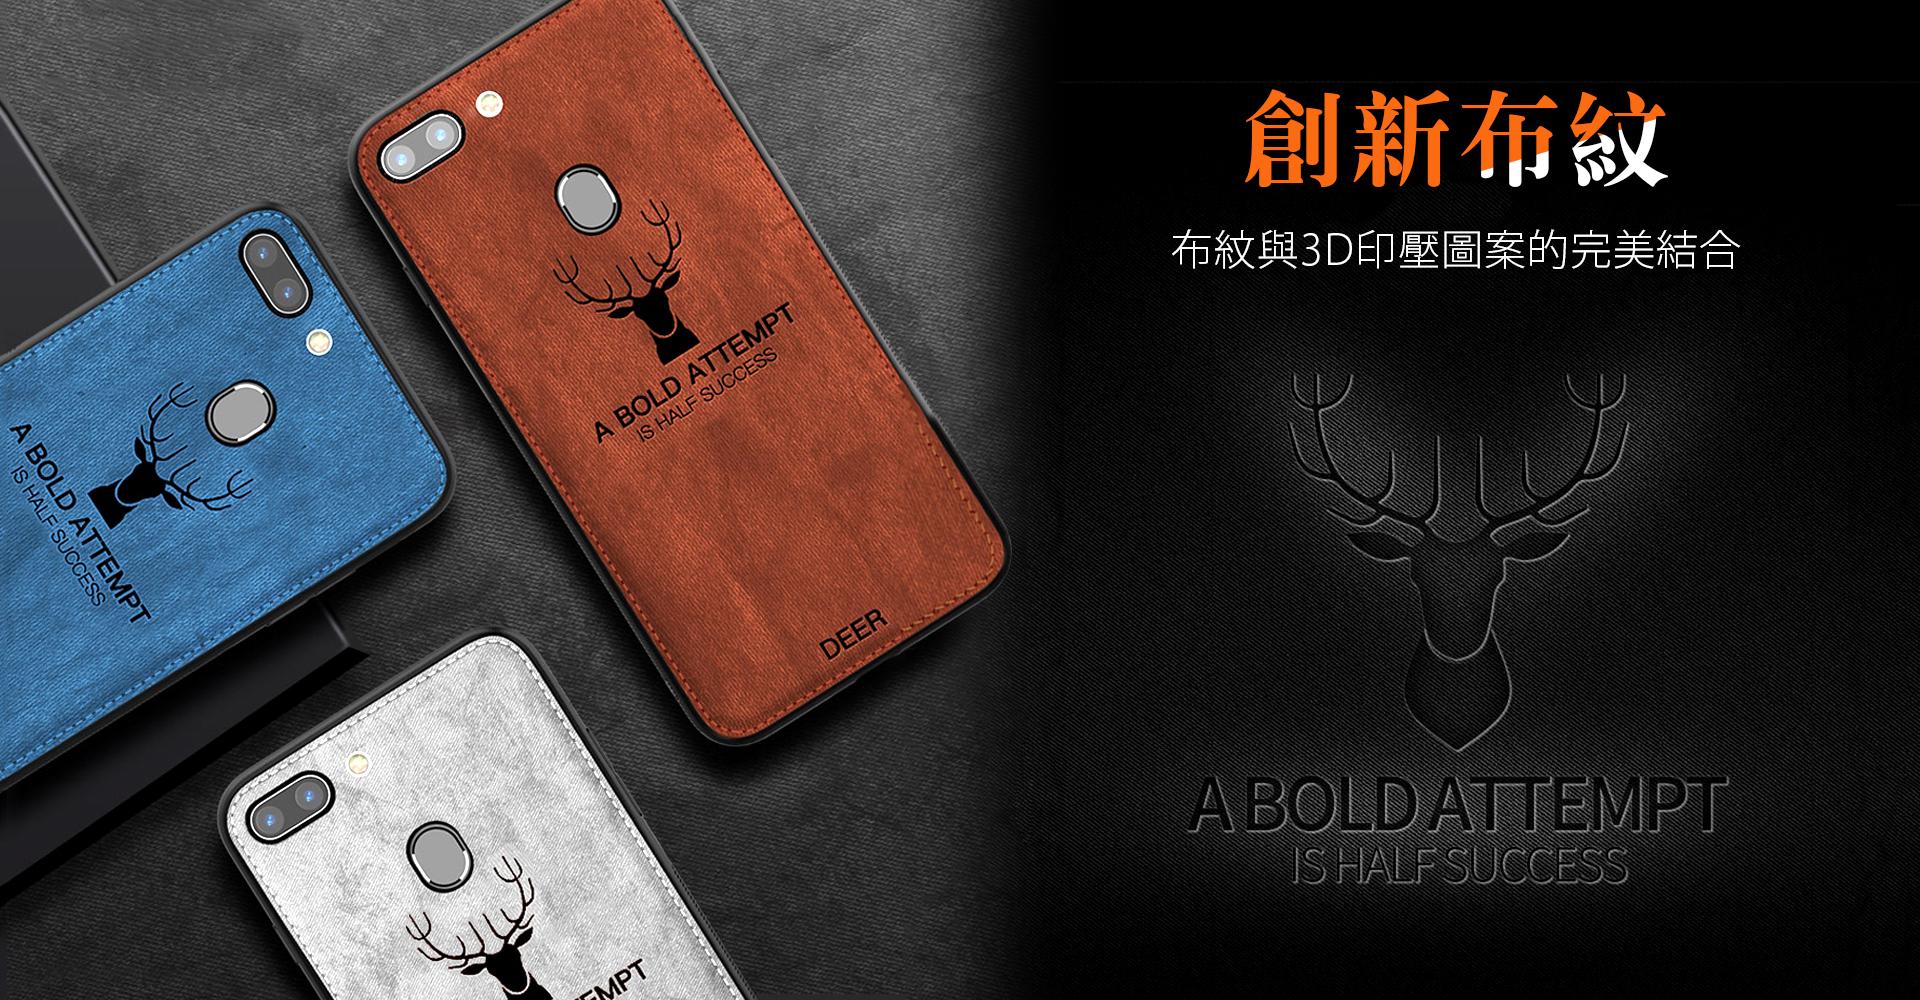 創新布紋工藝3D印壓麋鹿圖案手機殼